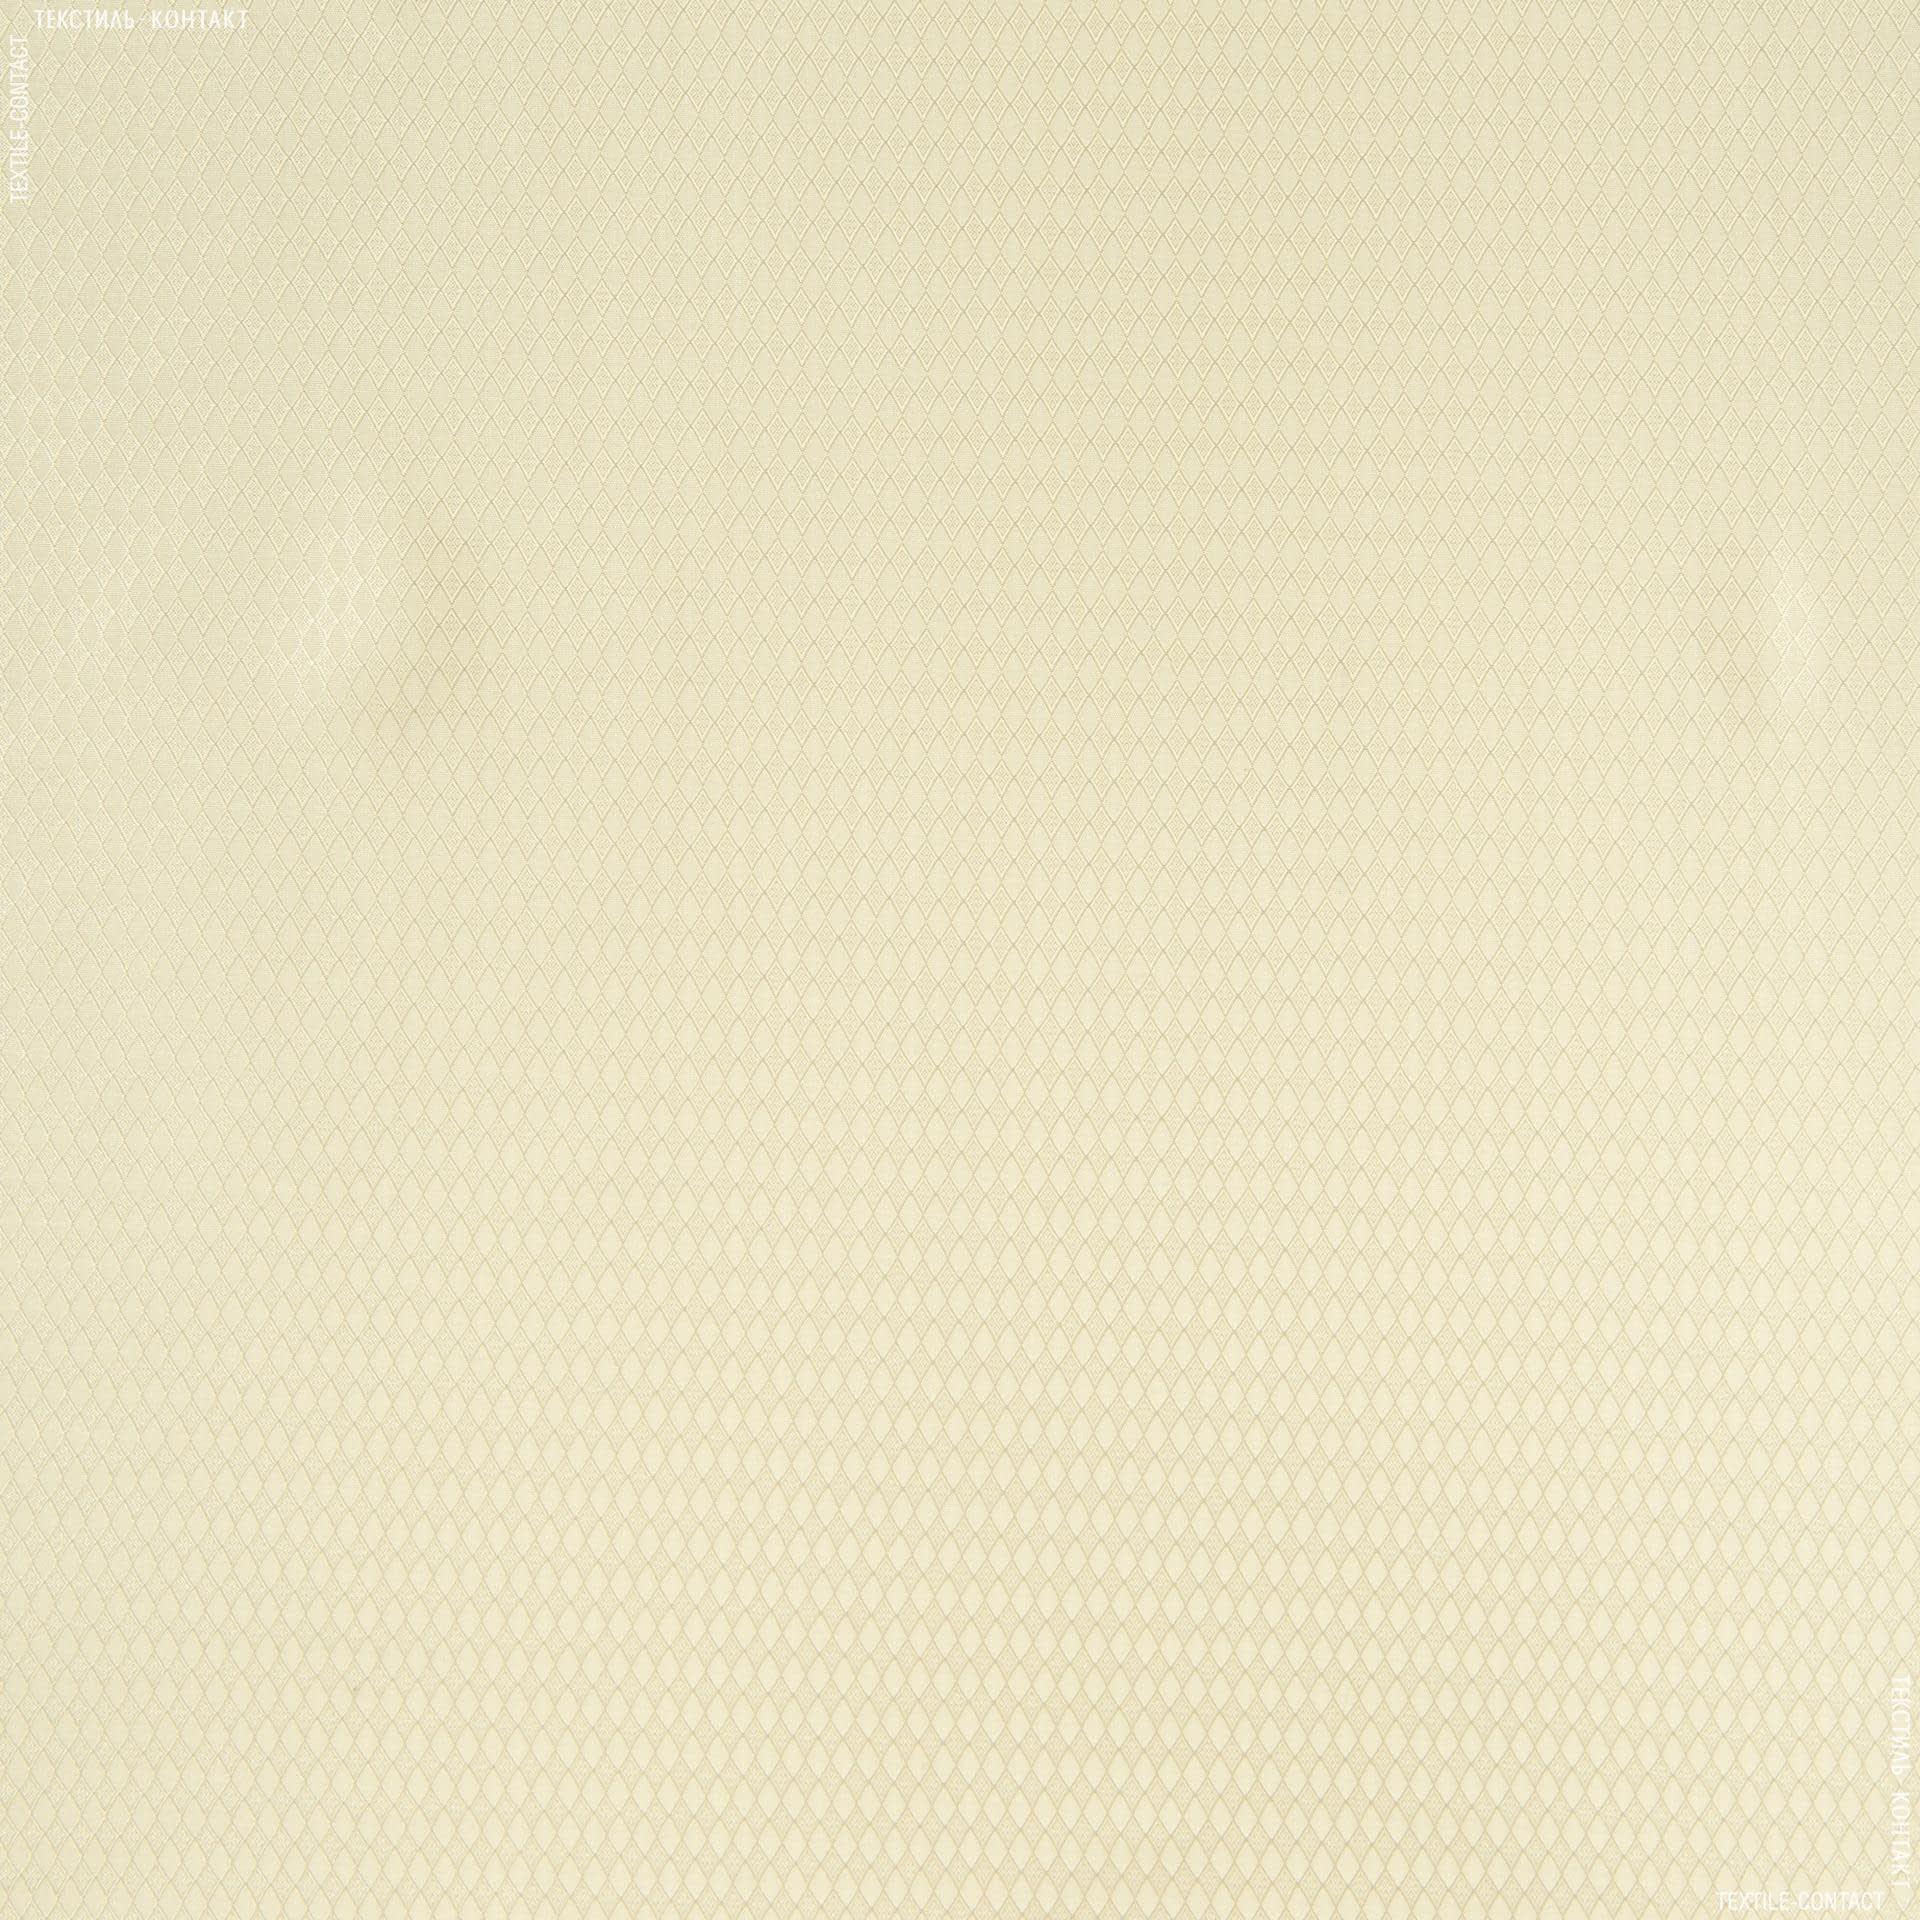 Тканини підкладкова тканина - Підкладка жакардова кремовий